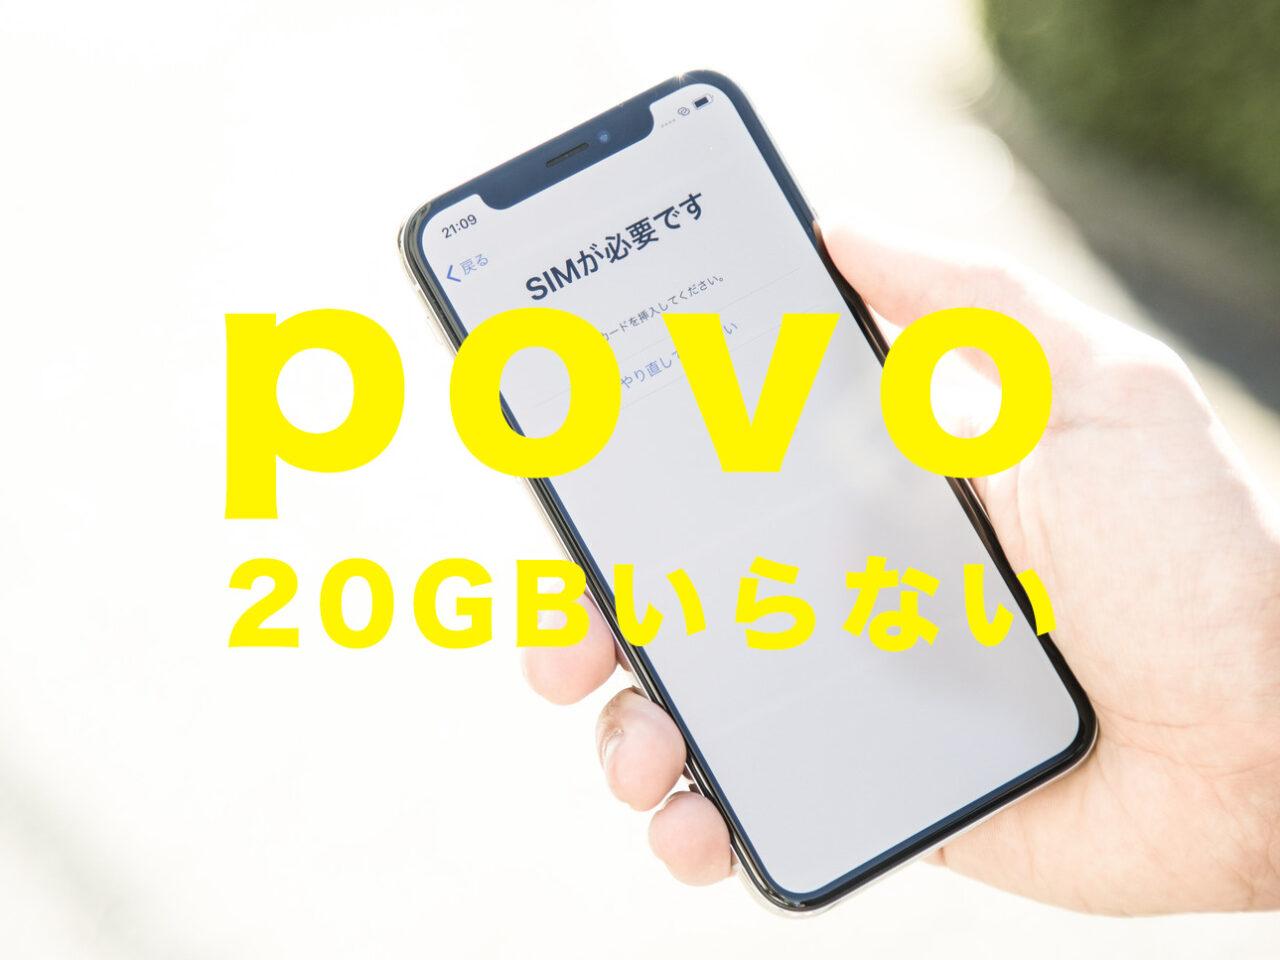 povo(ポヴォ)で20GB(ギガ)もいらない場合の選択肢はある?のサムネイル画像